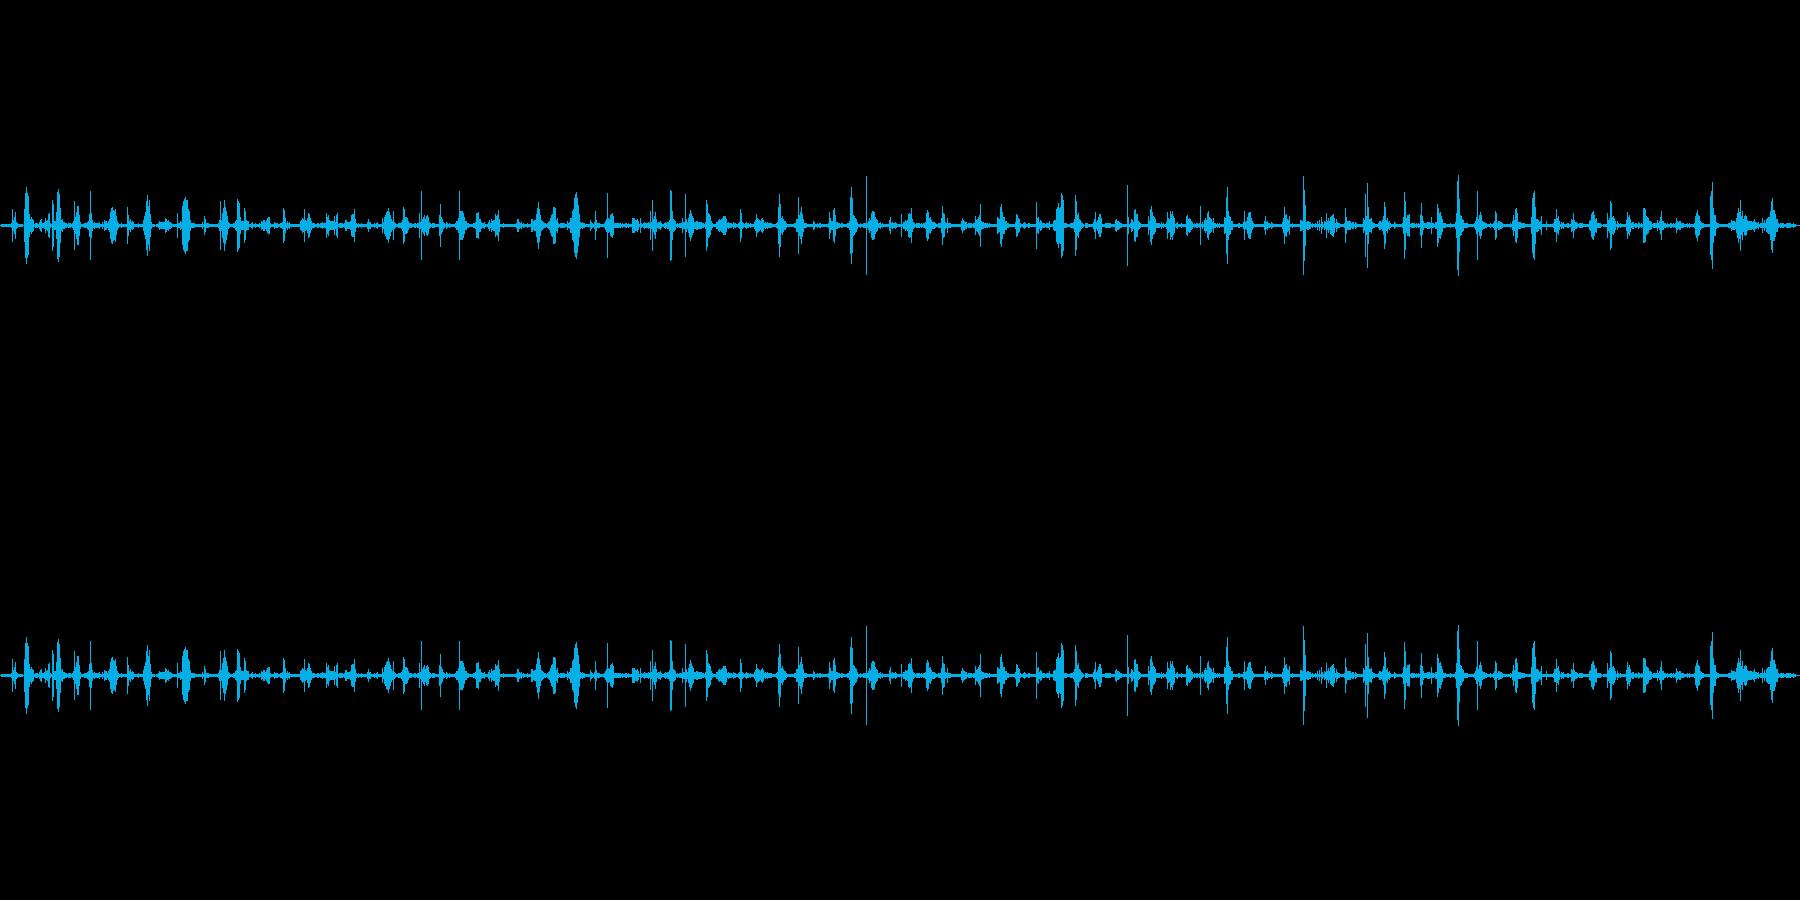 足音(歩く3)サンダル+コンクリートの再生済みの波形